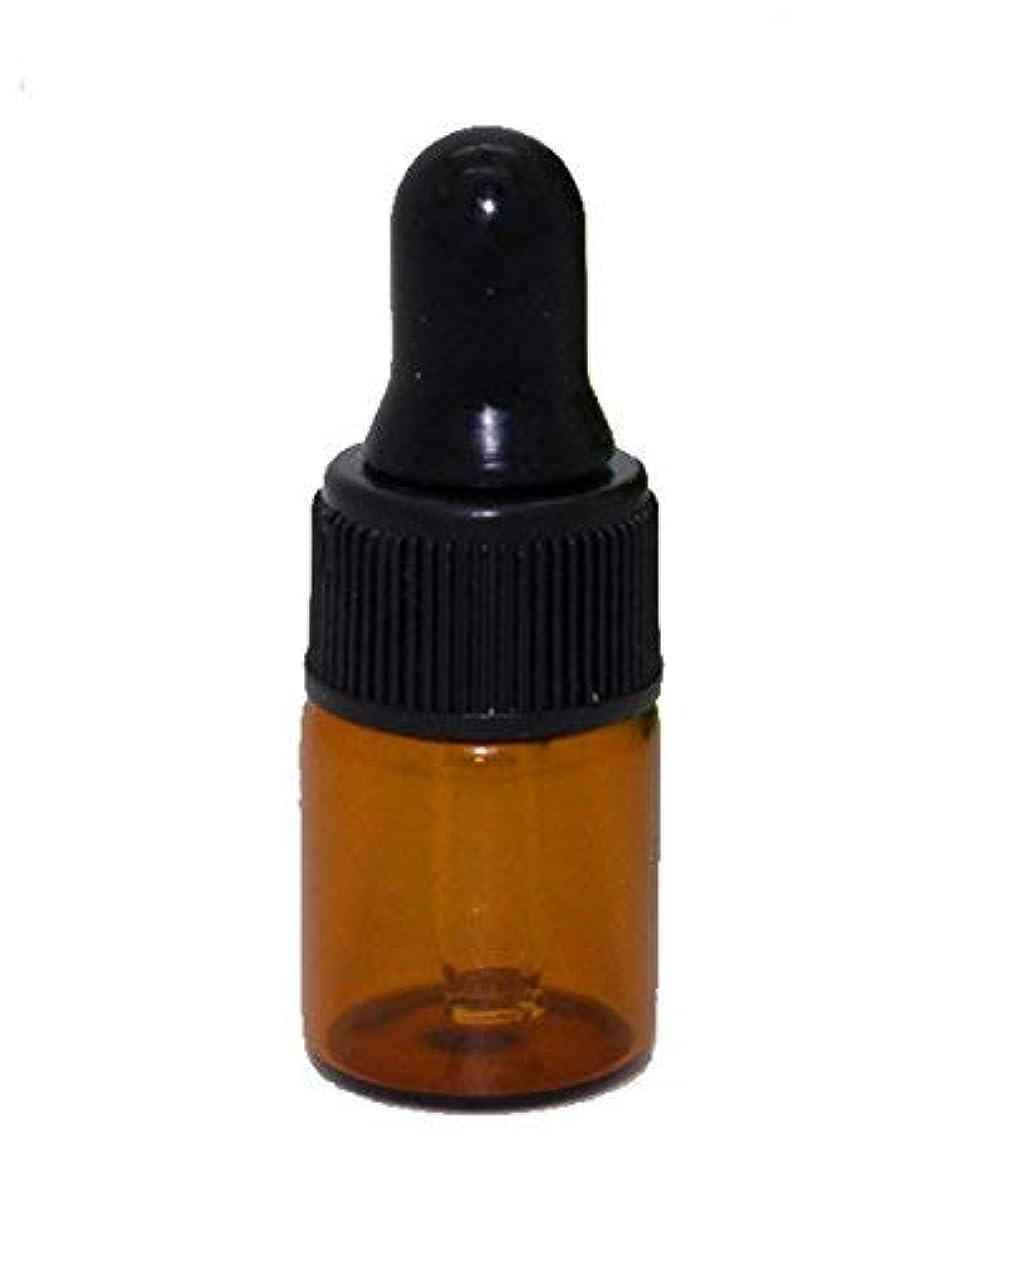 おじさんつかいます引き出す50 Pcs Mini Essential Oil Bottles Empty Amber Glass Dropper Bottle Refillable Cosmetic Sample Container 1 ML [...